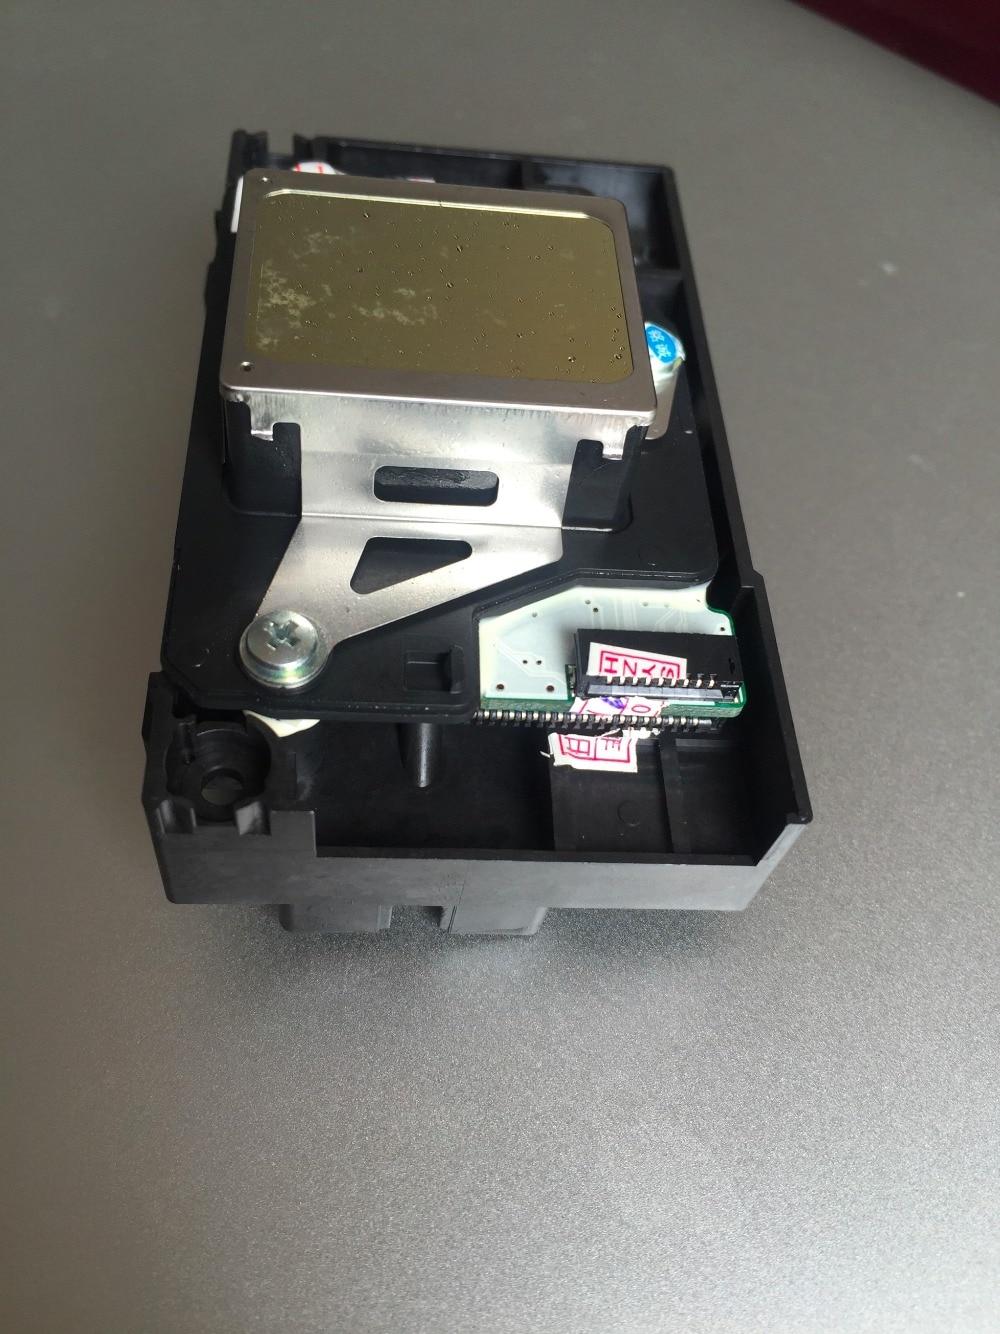 Livraison rapide! Tête d'imprimante de haute qualité pour tête d'impression epson F173050 pour tête d'impression epson 1390/1410 L1800